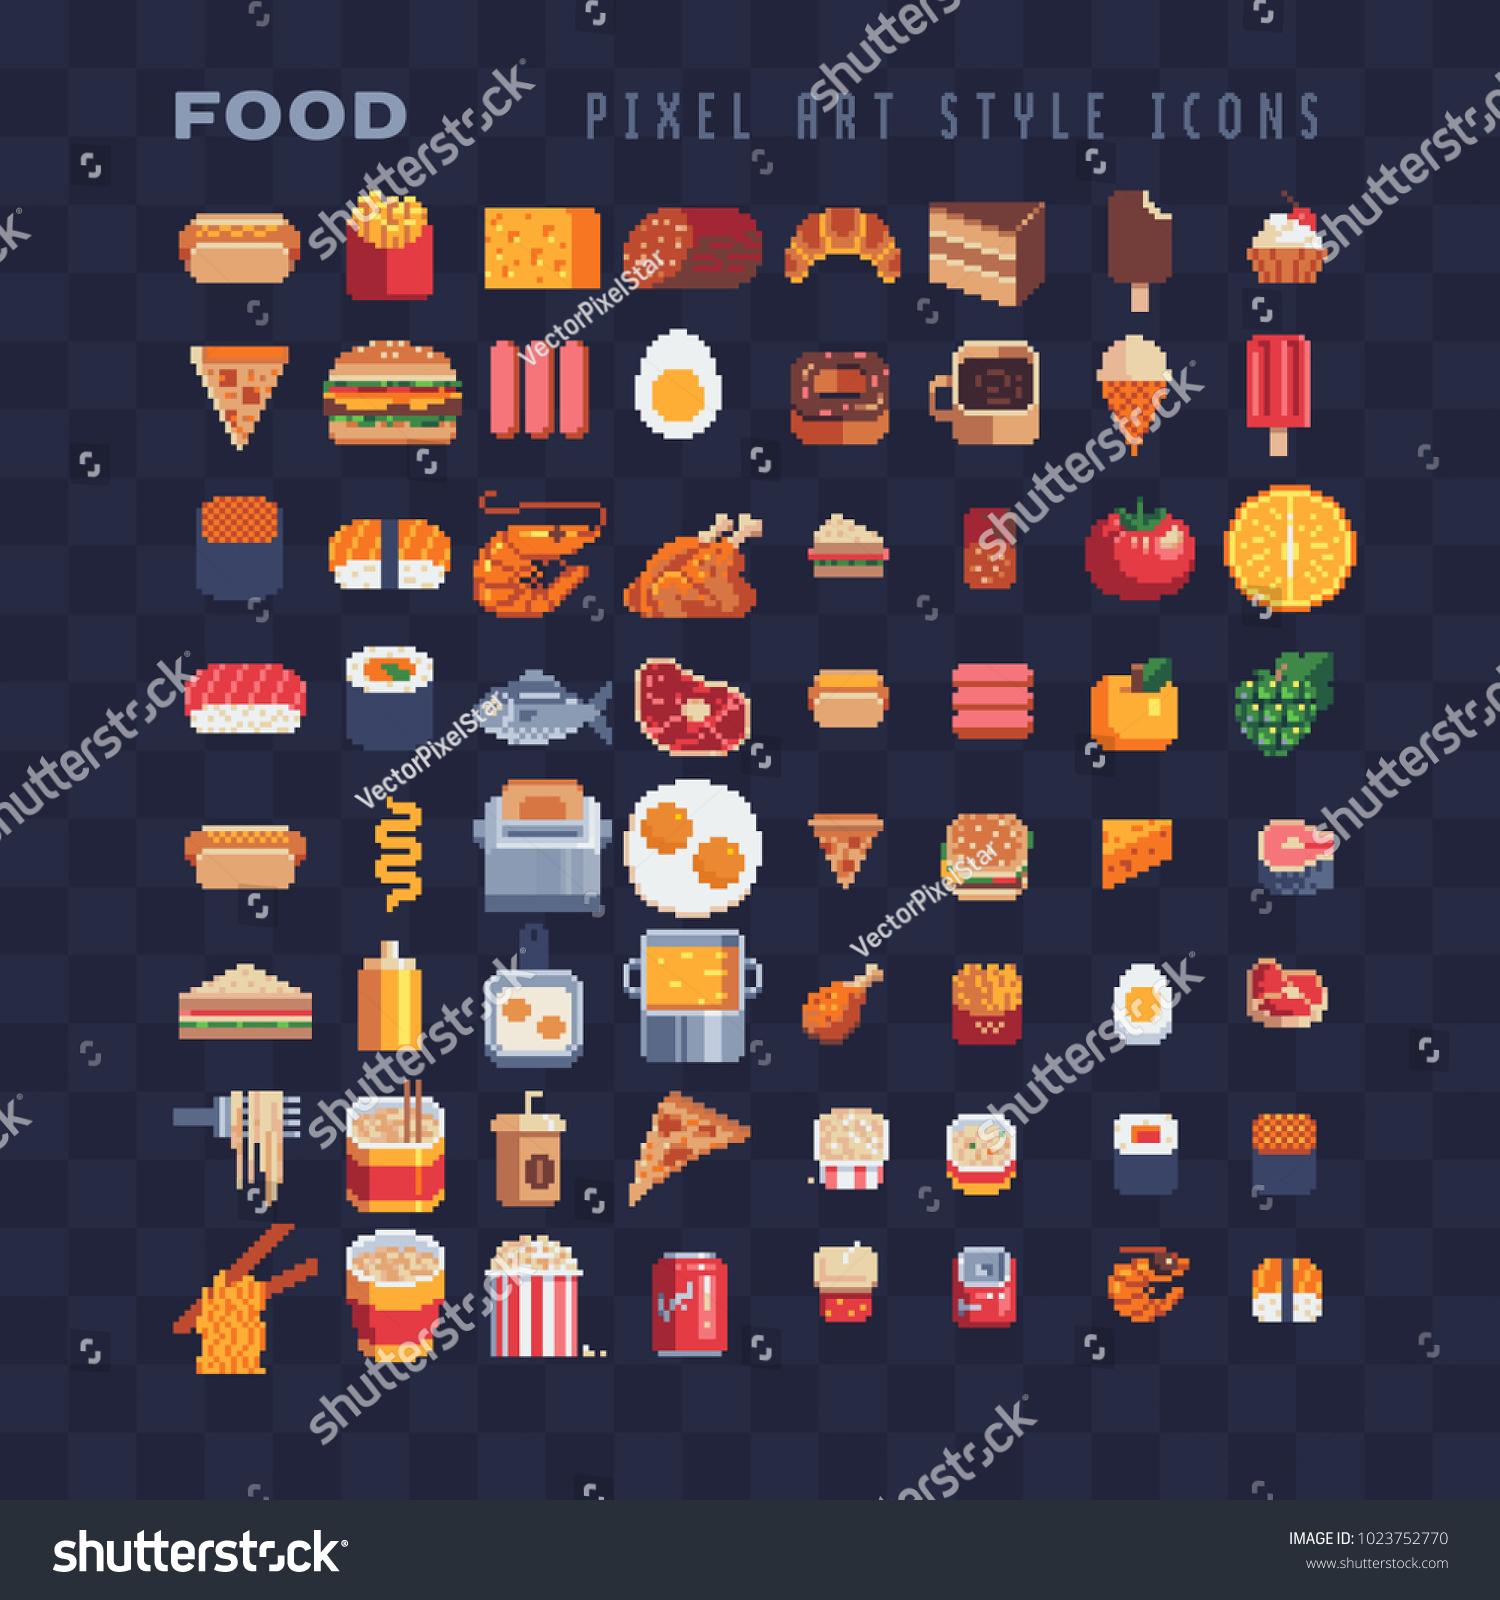 Image Vectorielle De Stock De Nourriture Pixel Art 80s